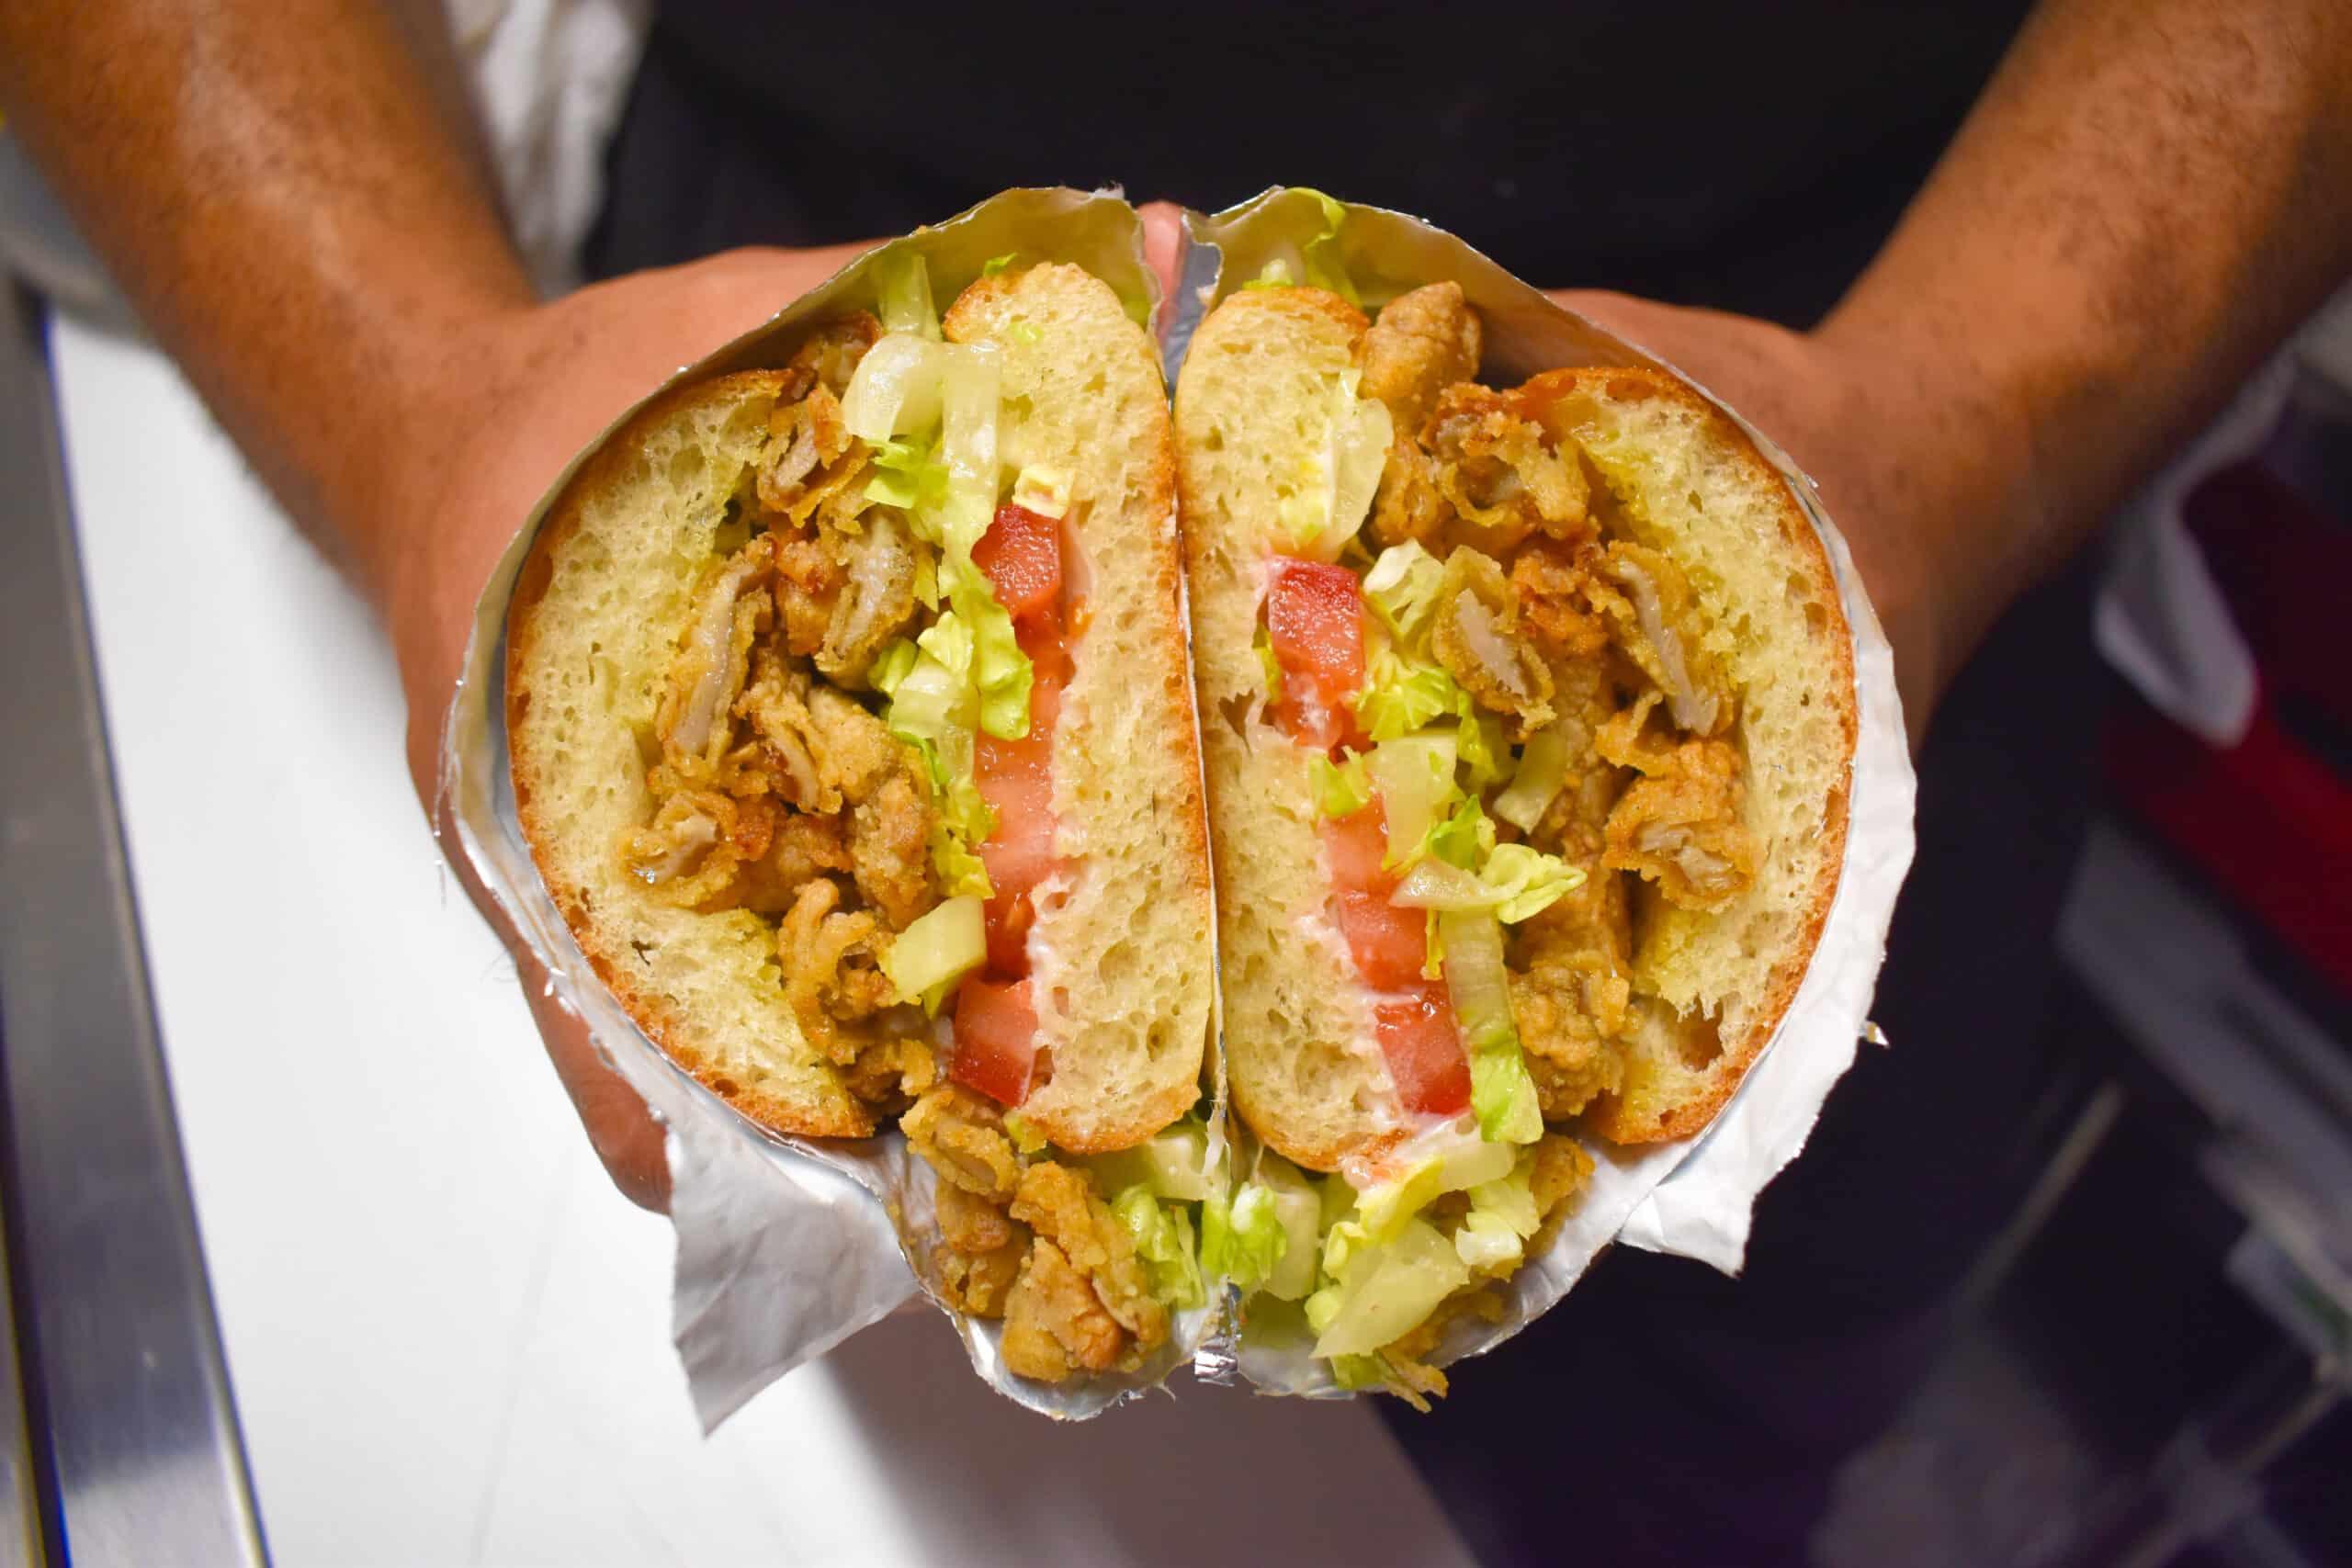 Shroom Boy Vegan Sandwich NY Food Truck Kinwich